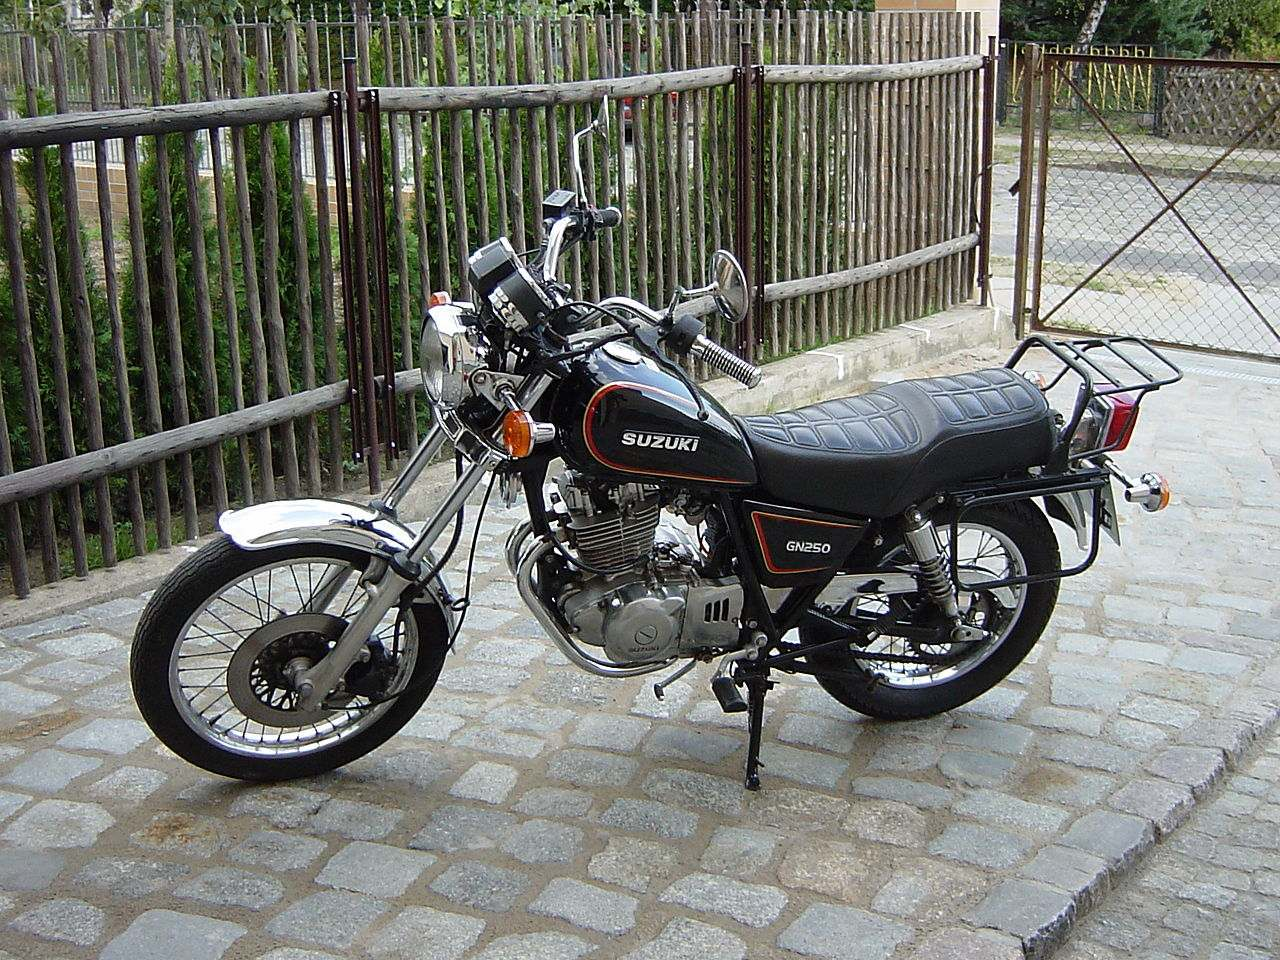 Suzuki GN 250 1